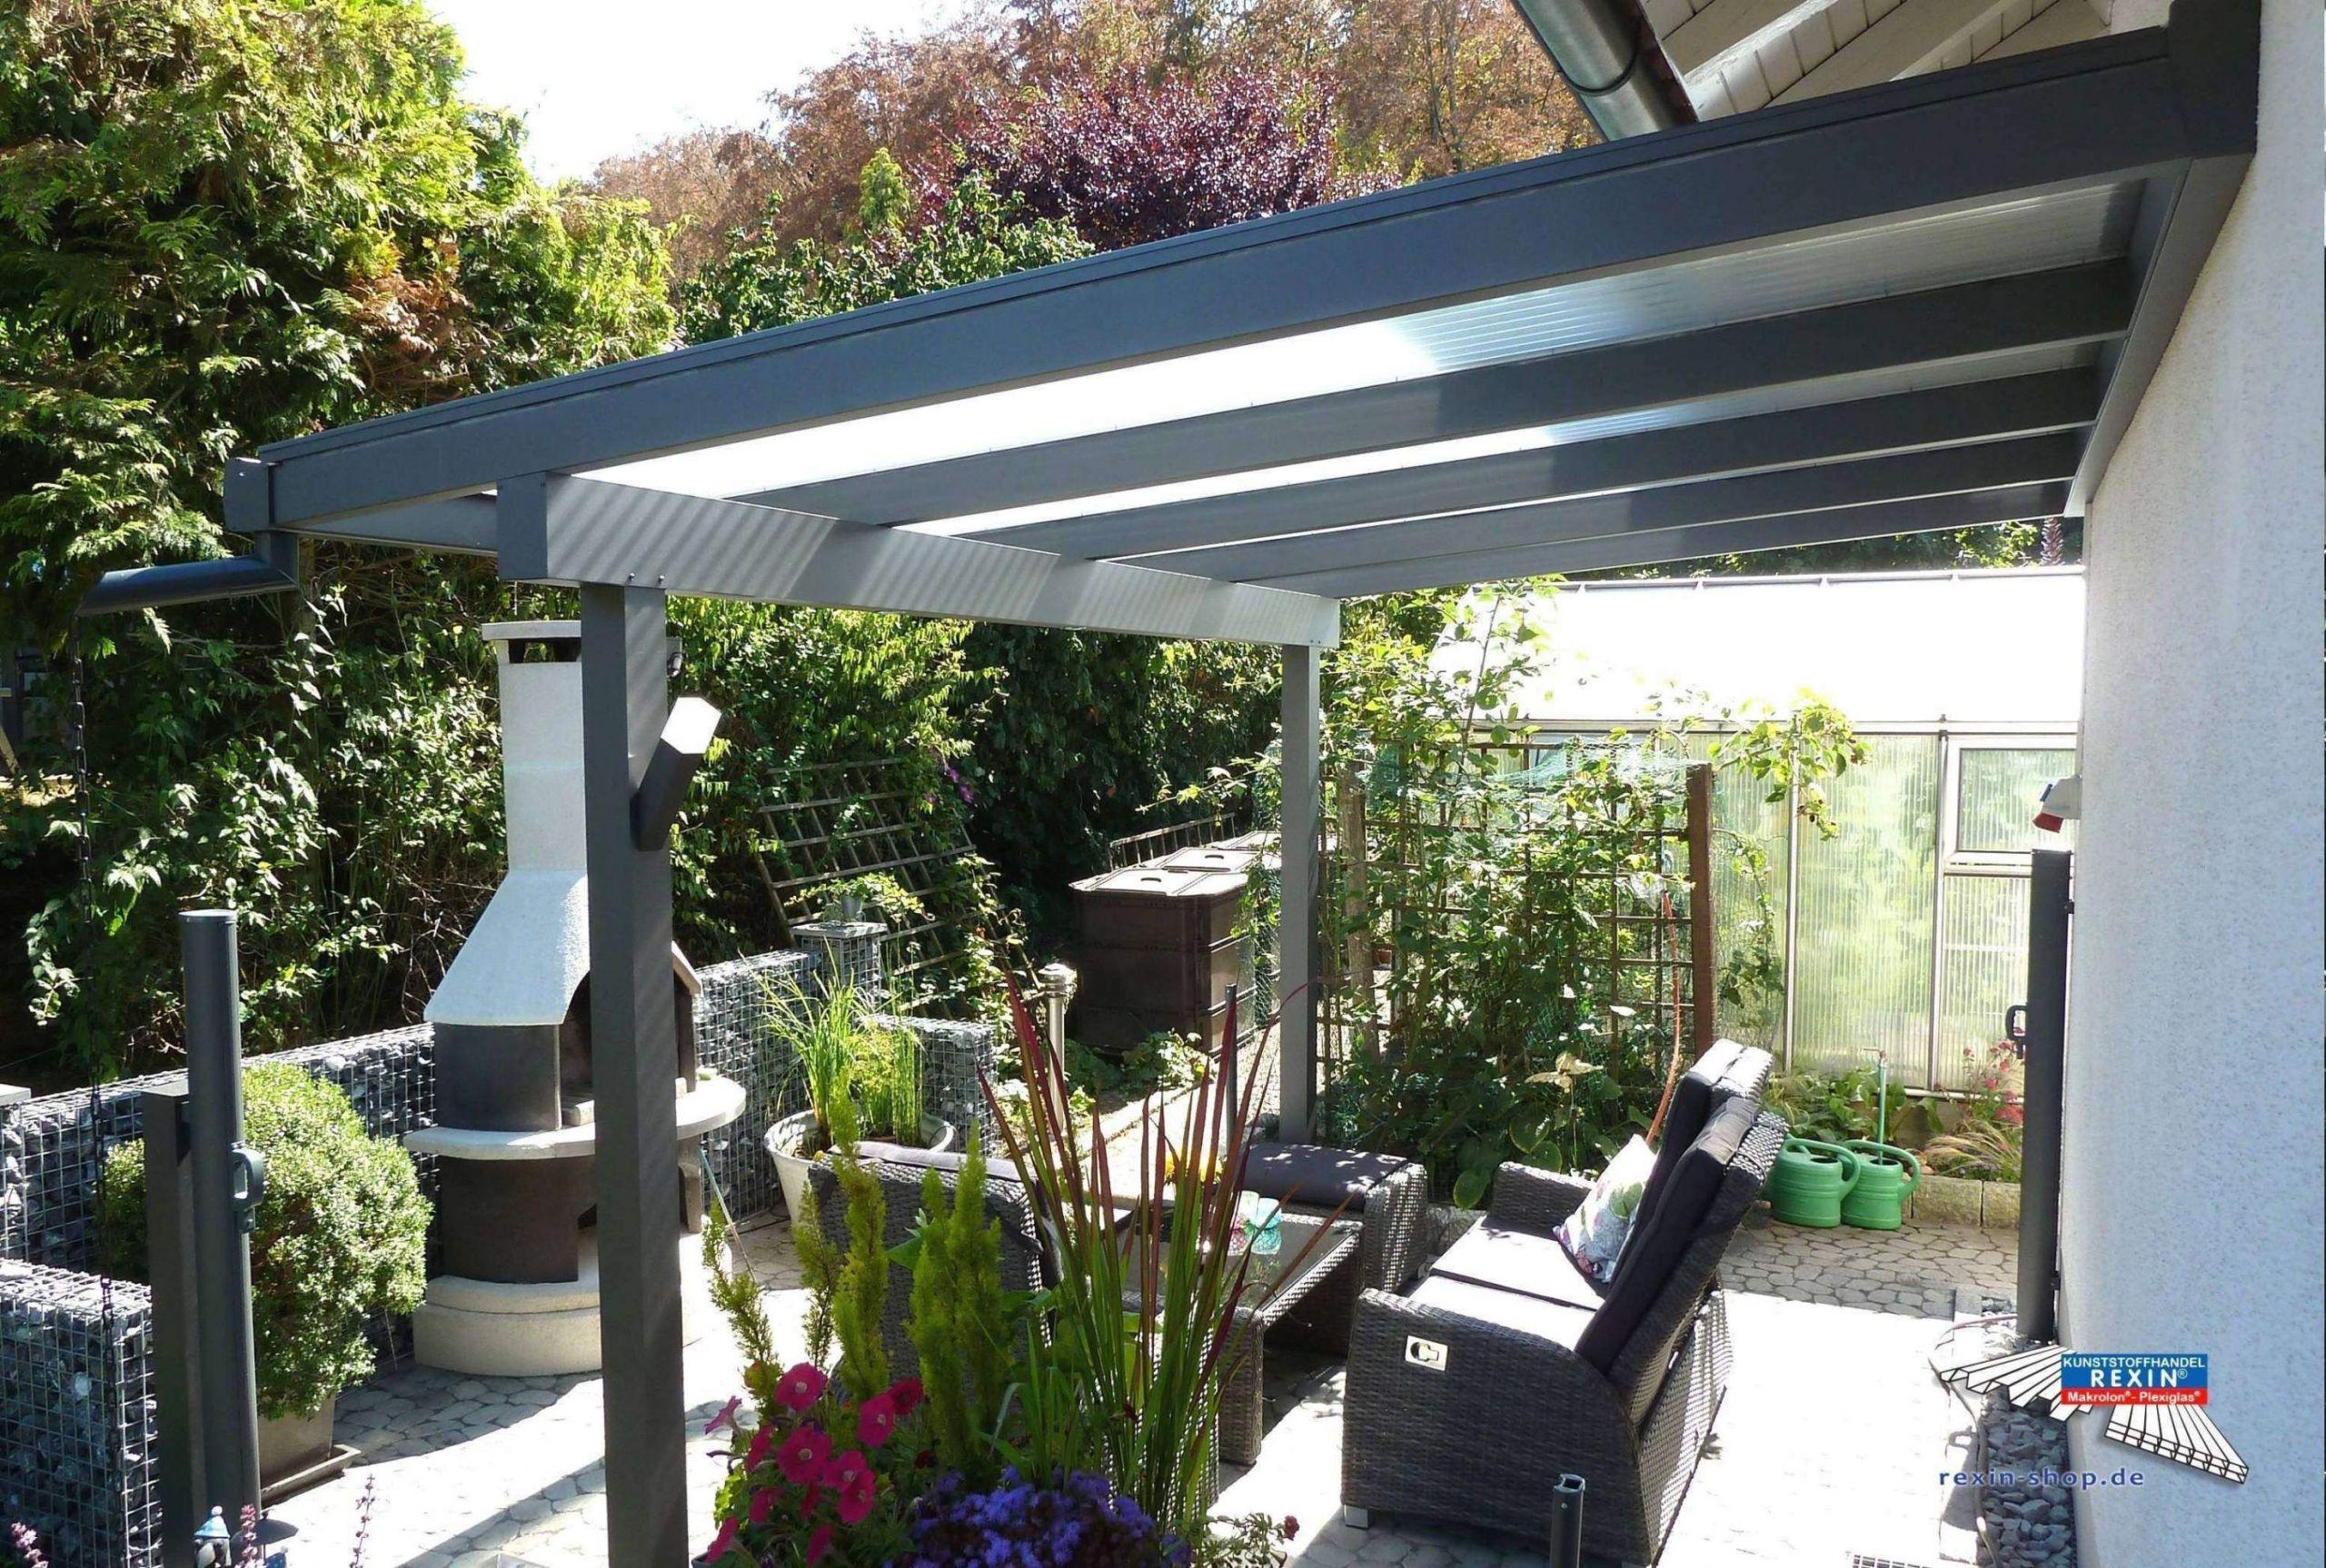 42 frisch sichtschutz mauer terrasse galerie terrasse wand verkleiden terrasse wand verkleiden 1